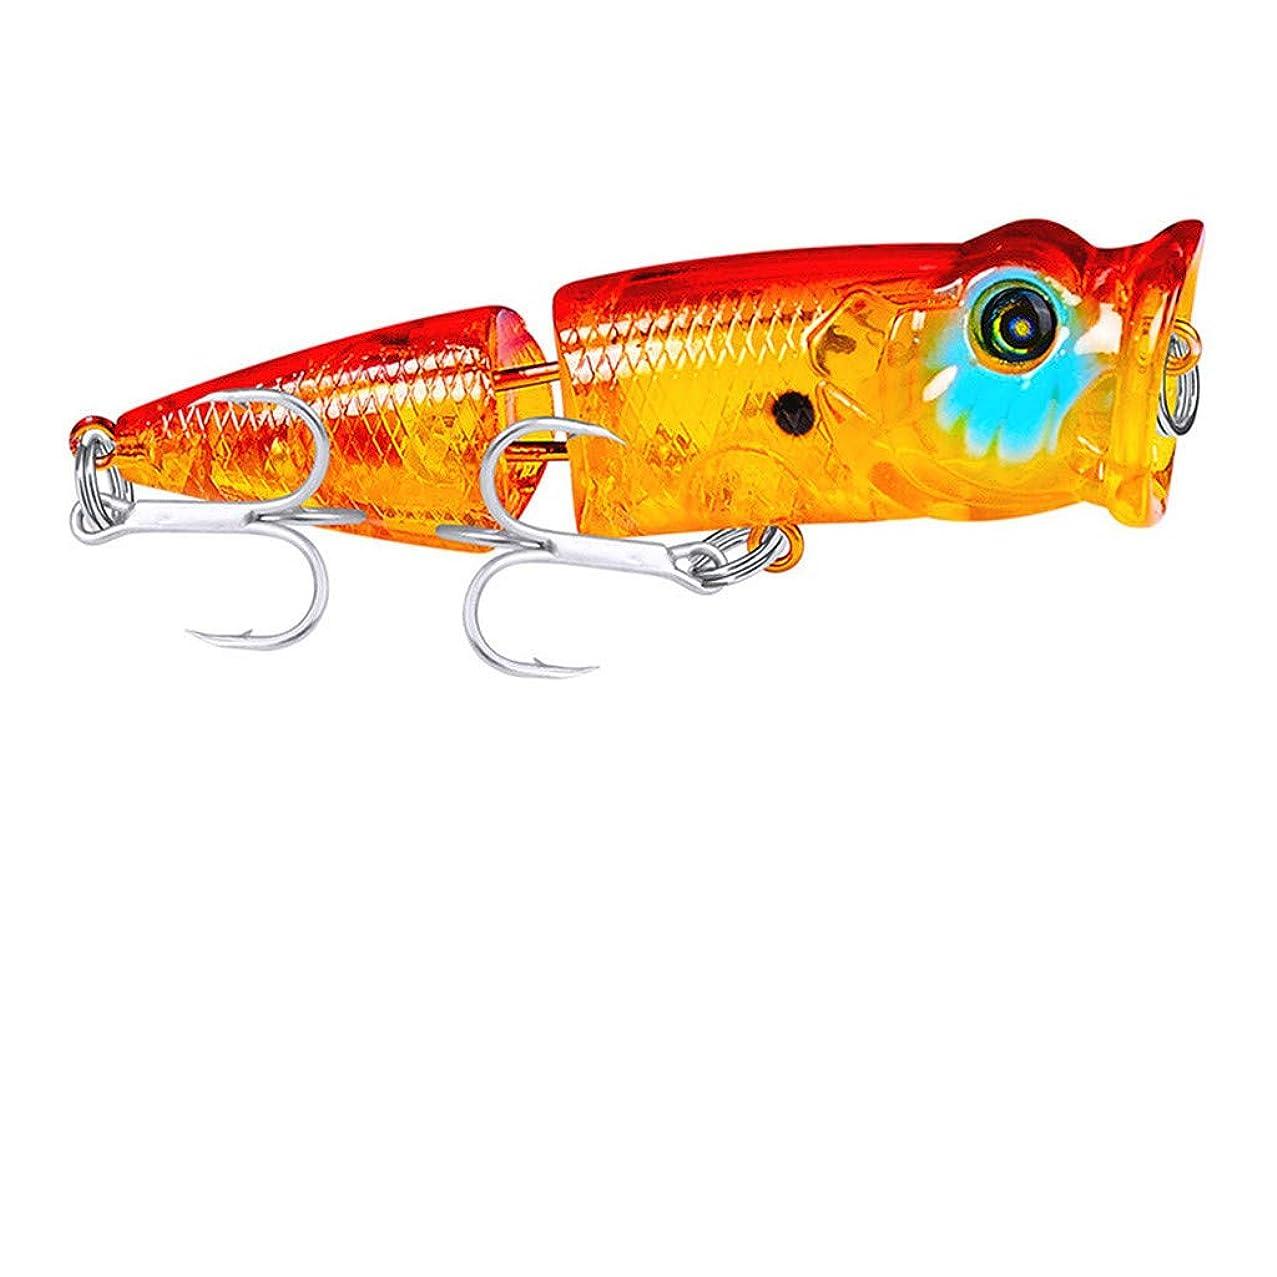 グッゲンハイム美術館操作可能副釣り針 ルアー 釣り用ルアー クランク ベイト フック ベース タックル シンキング 新品 DW460 シャオメイスター